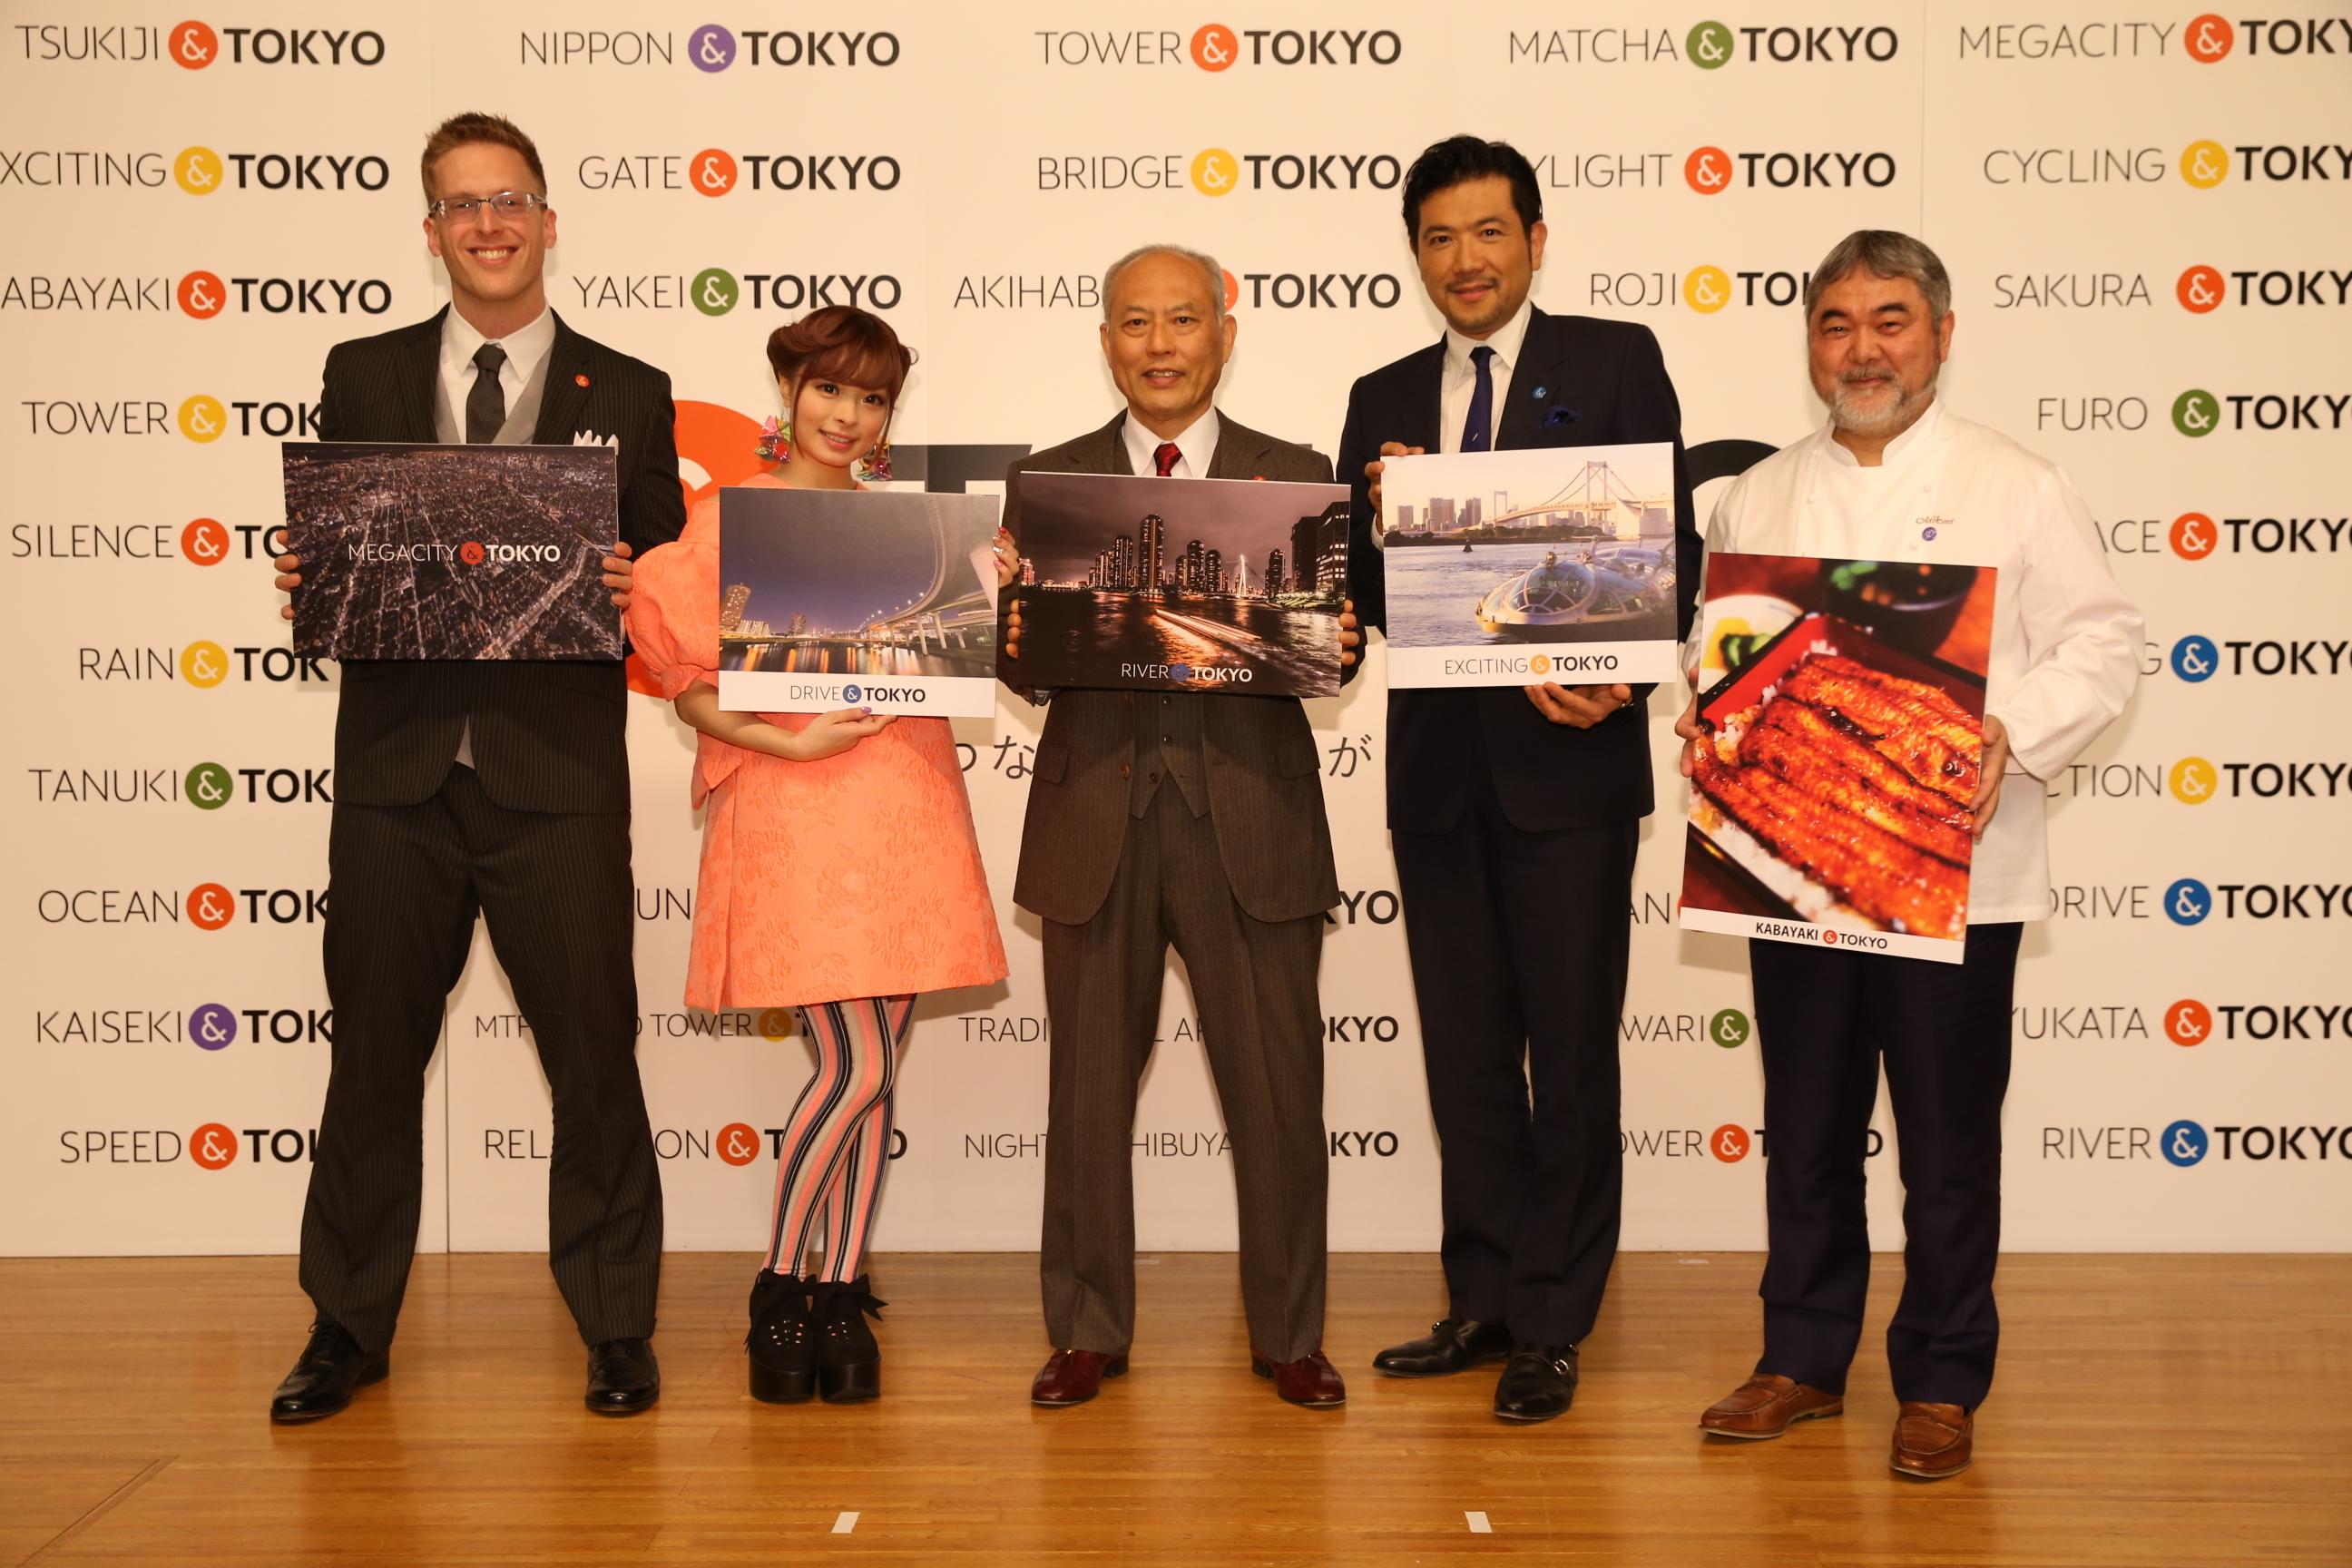 都が主導する東京ブランディングプロジェクト「&TOKYO」とは